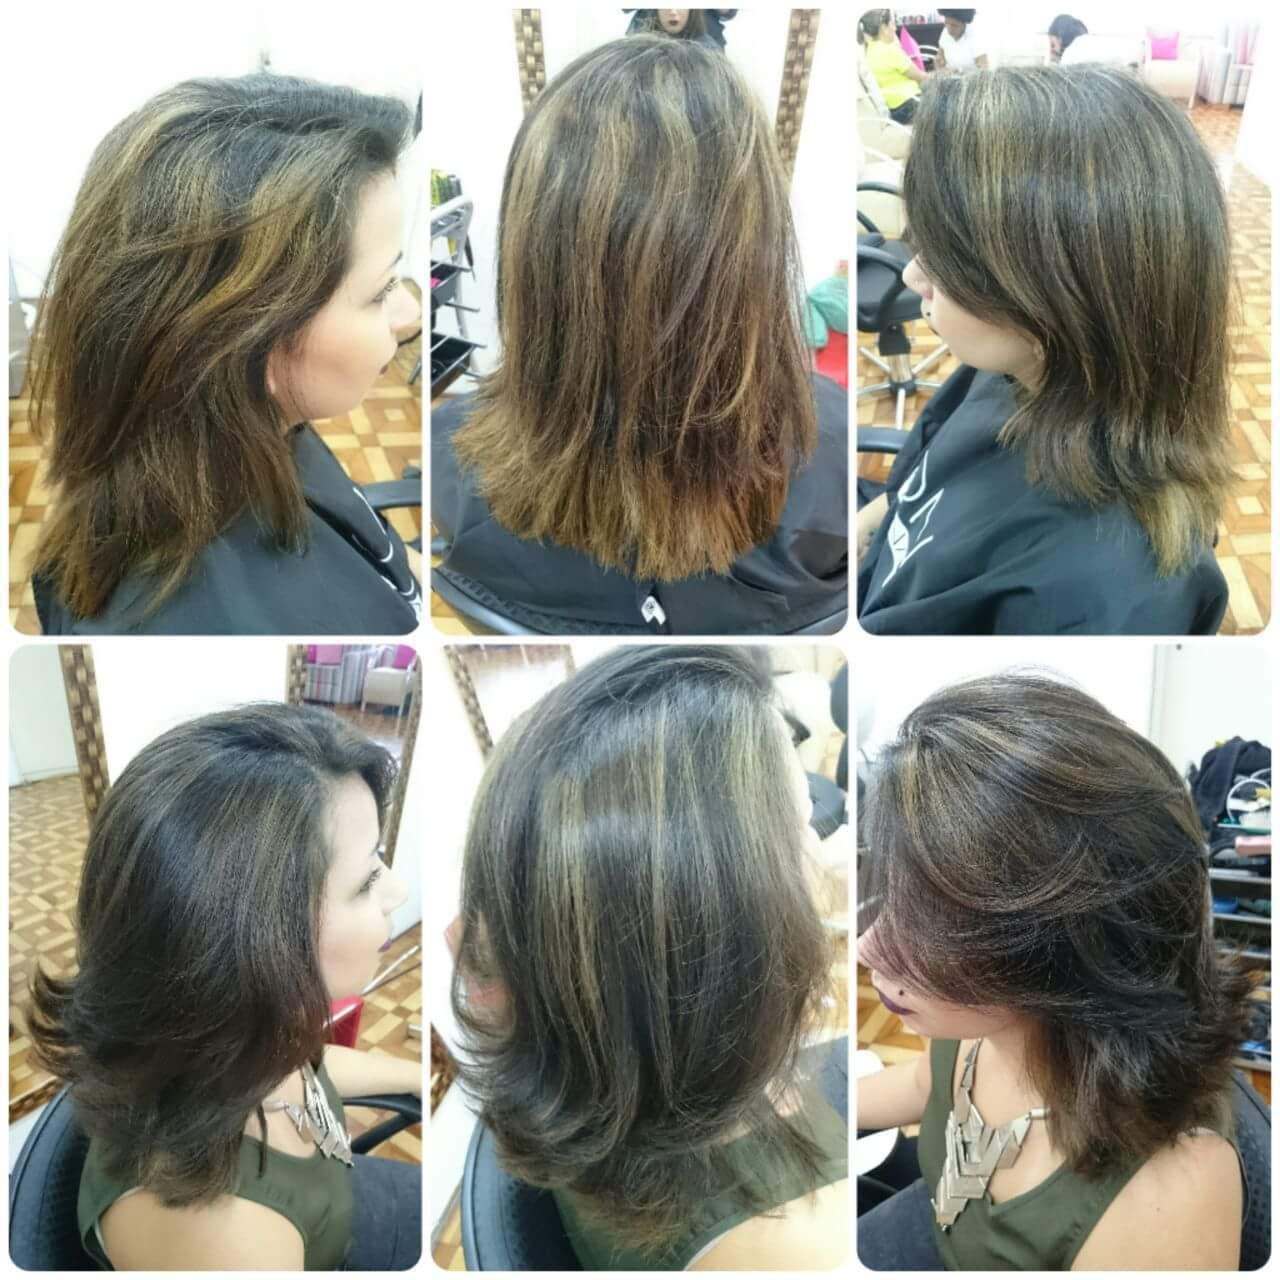 #tranformation #transformacao #correcaodecor #antesedepois #babylights  cabelo cabeleireiro(a) stylist / visagista maquiador(a) designer de sobrancelhas